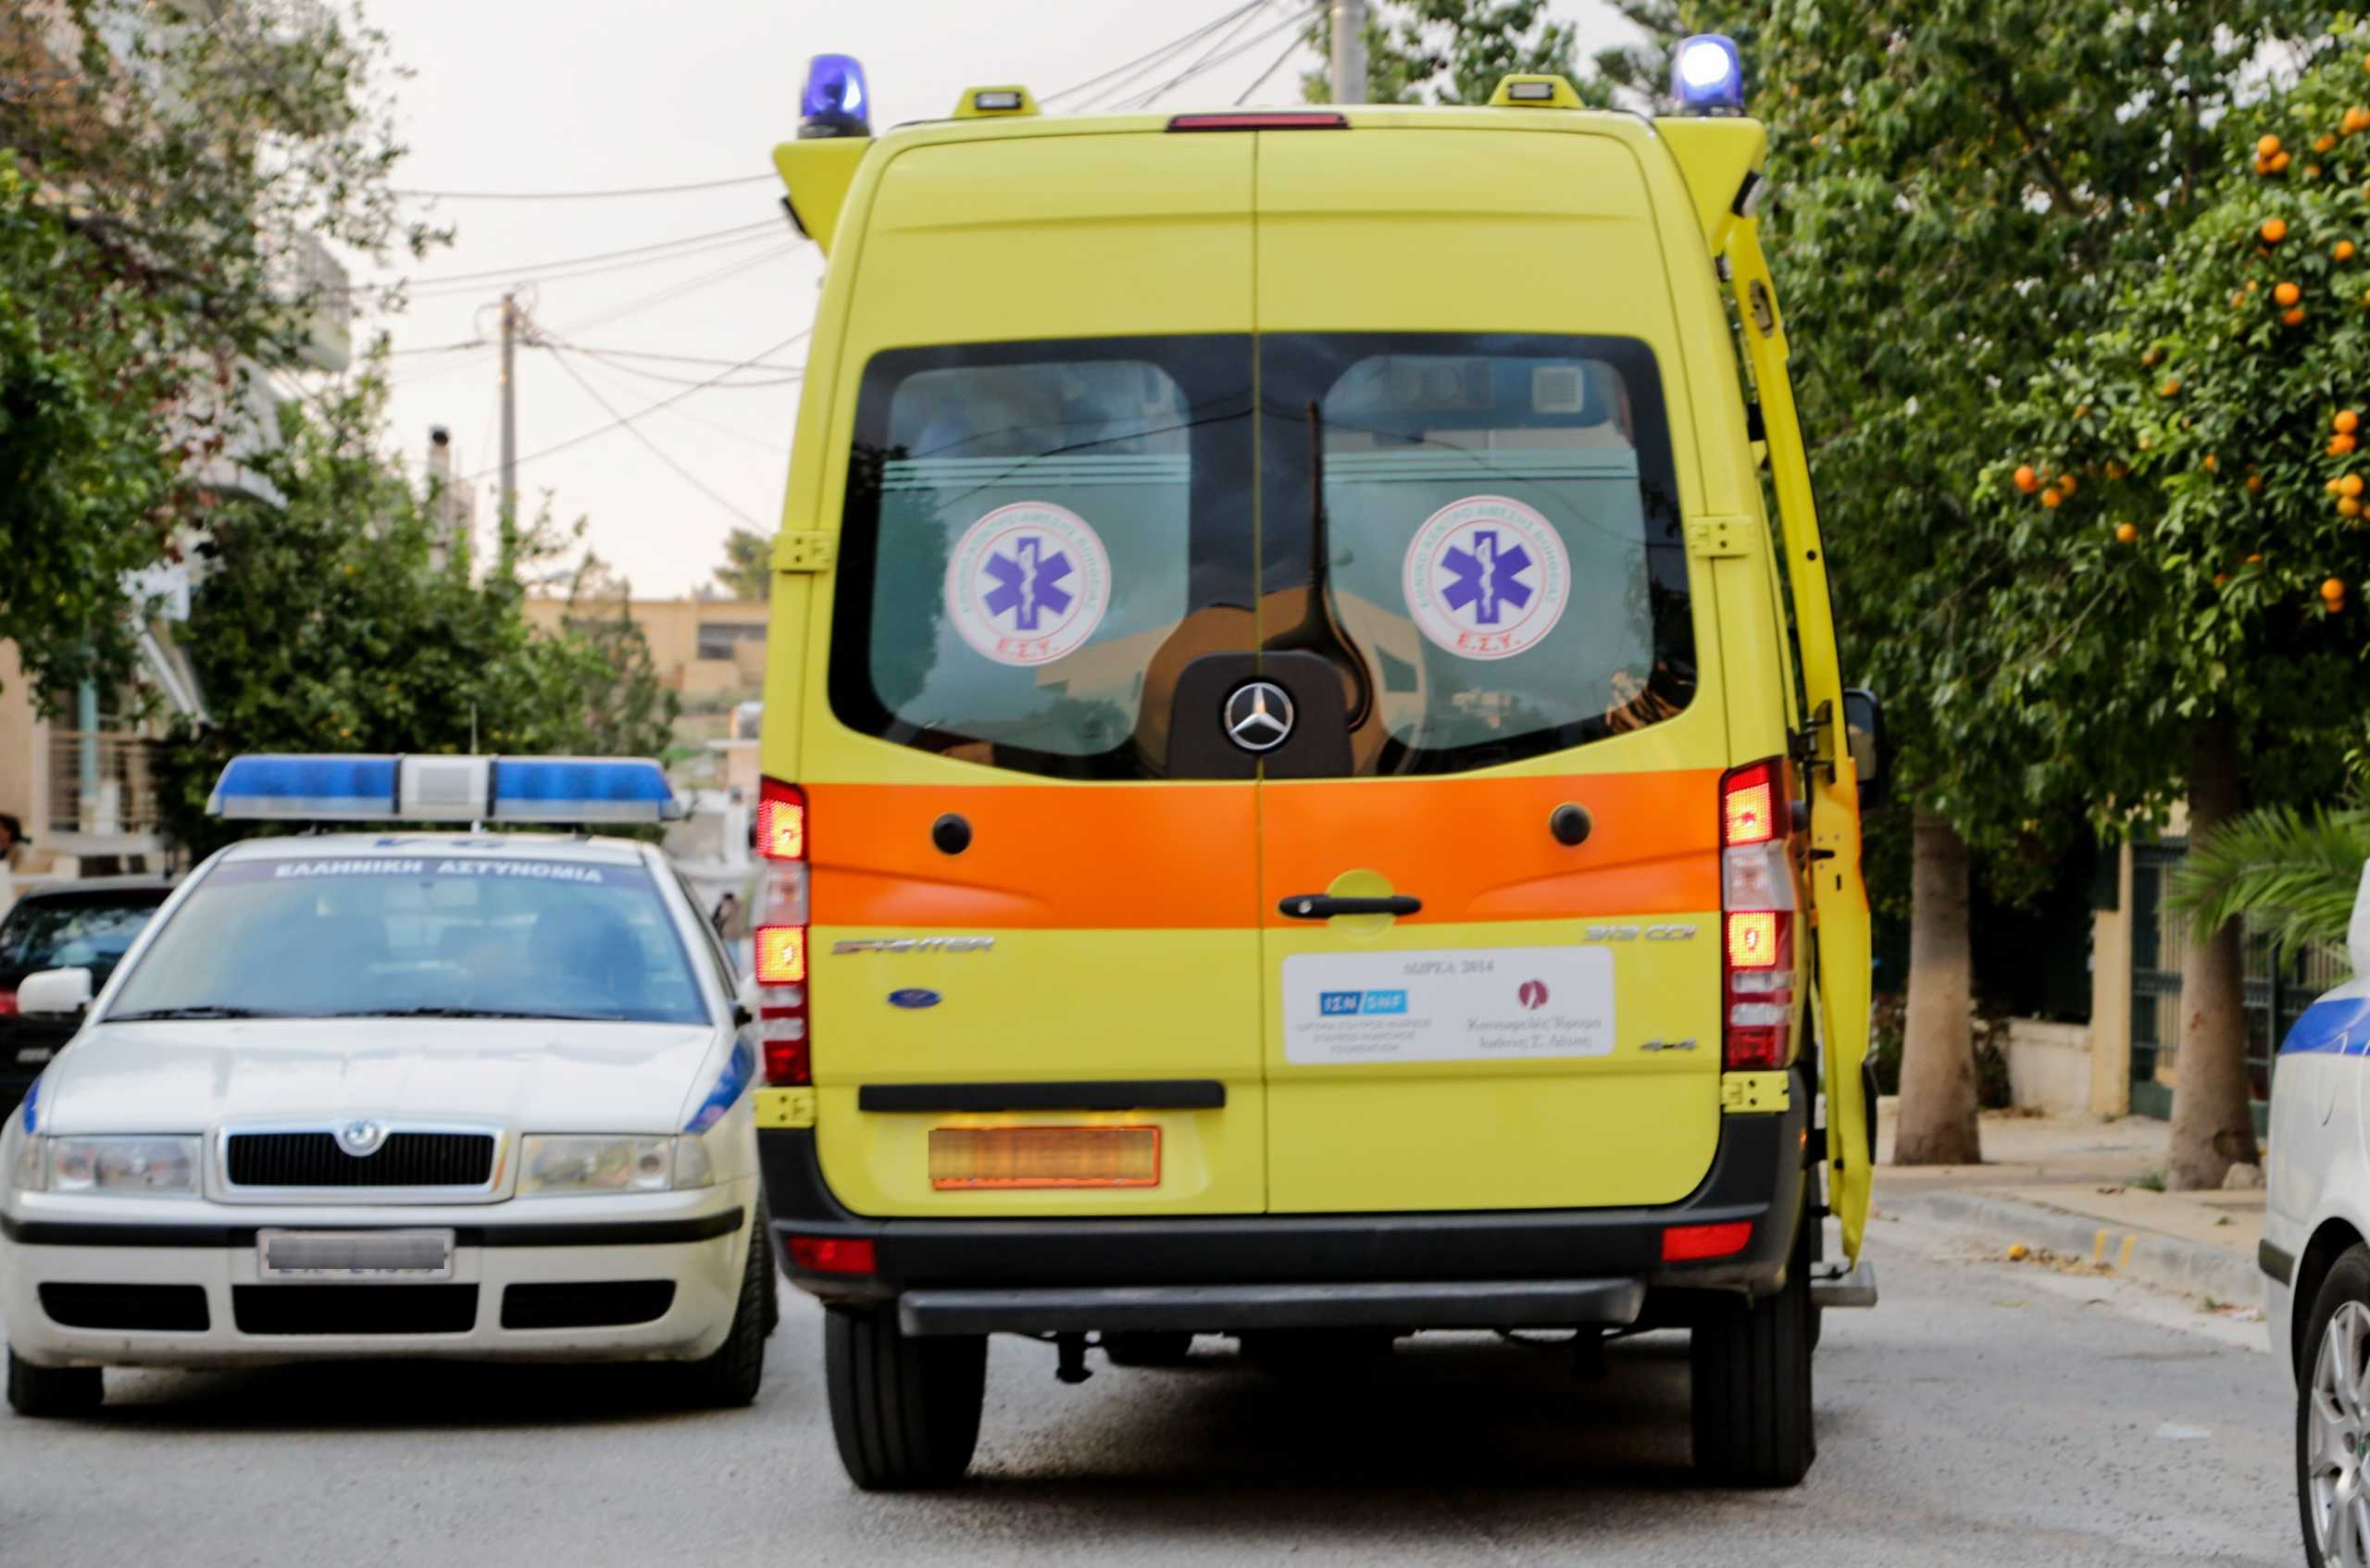 Κρήτη: Πήγαινε την πεθερά στο νοσοκομείο και πλήρωσε πρόστιμο